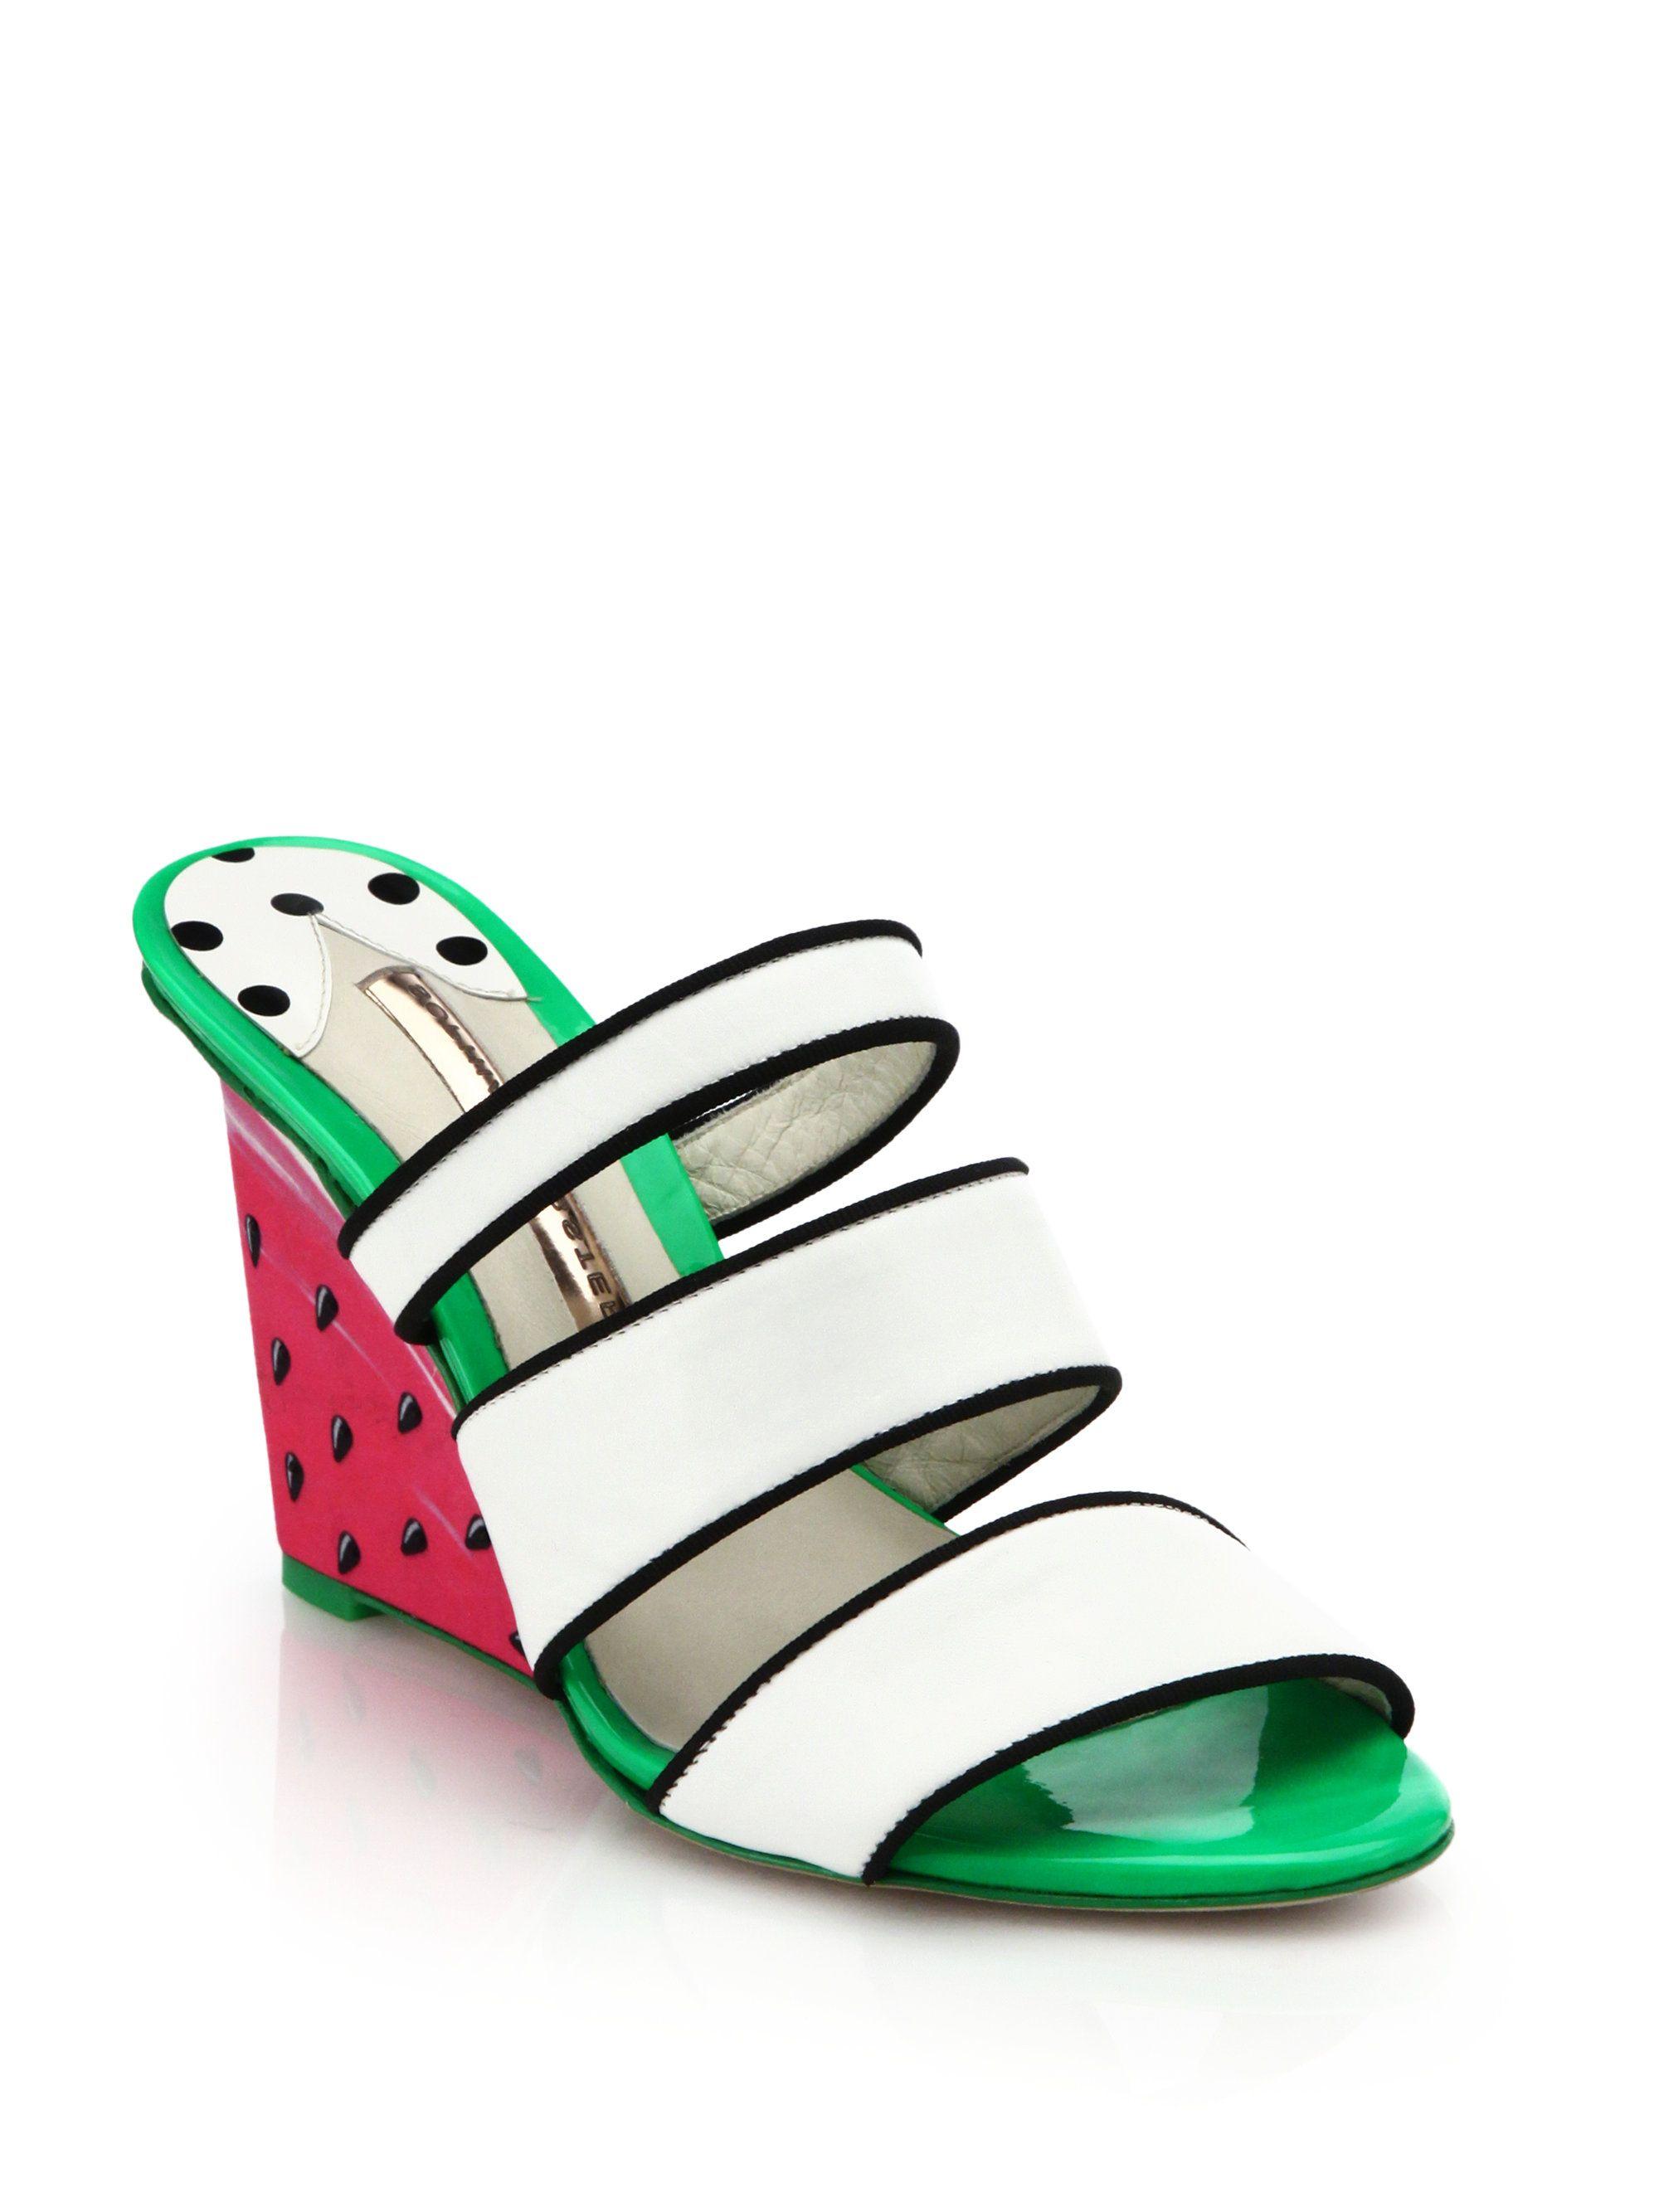 af6862dc3d0 Sophia Webster Brooke Watermelon Wedge Sandals in Green (WHITE ...